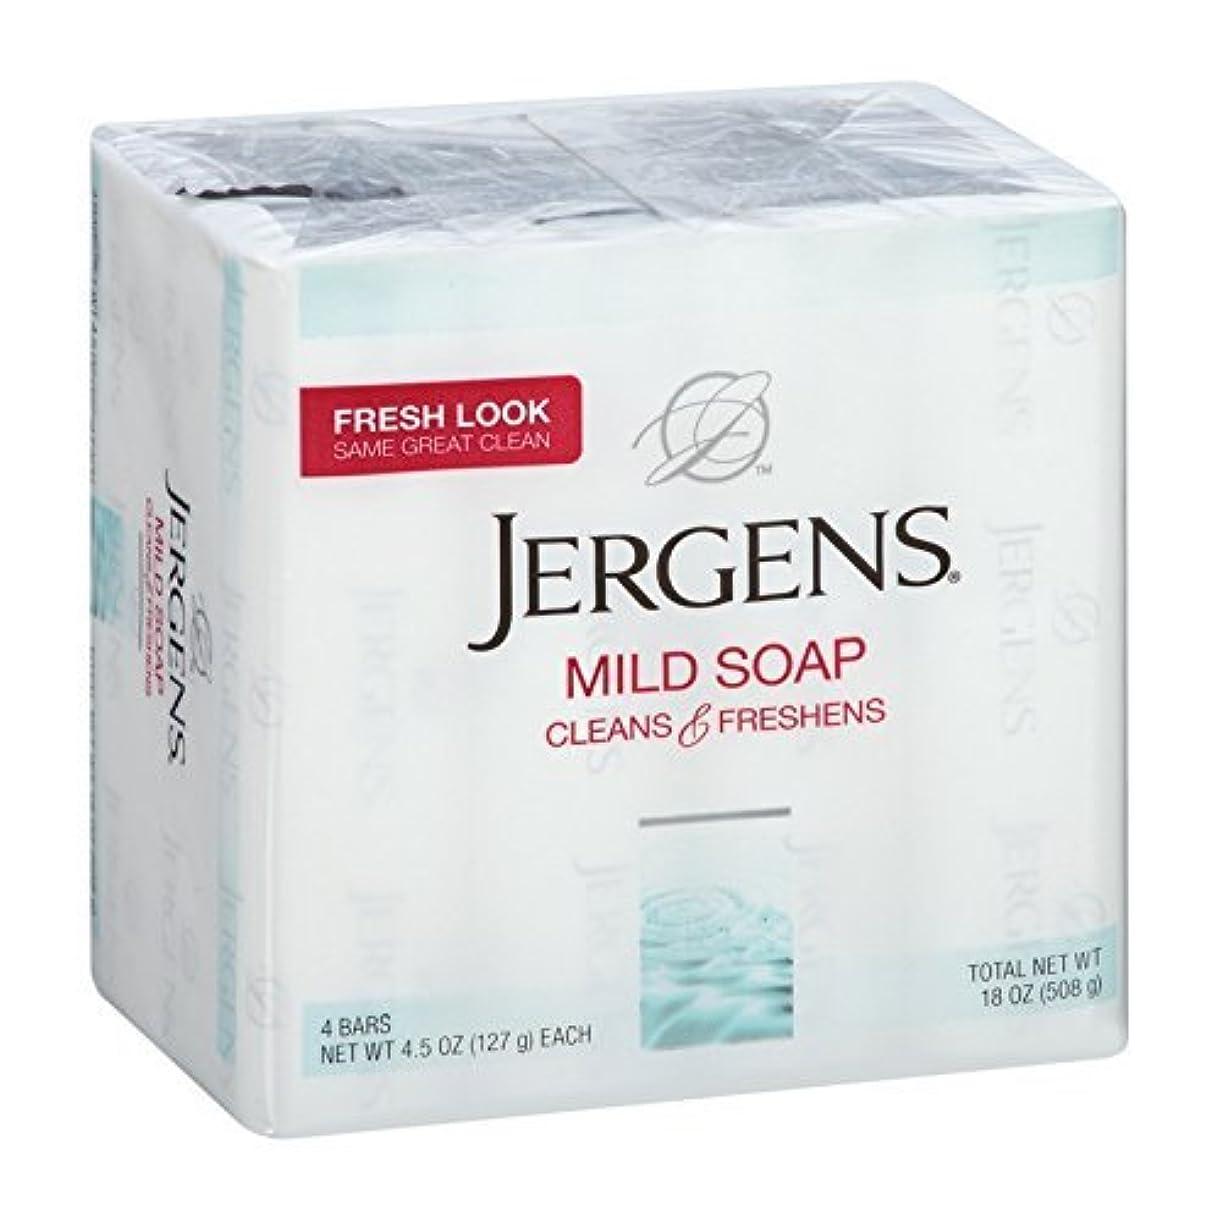 水分レーダー解体するJergens マイルドソープきれいに&フレッシュ4つのバー、4.5オズ(2パック) 2パック